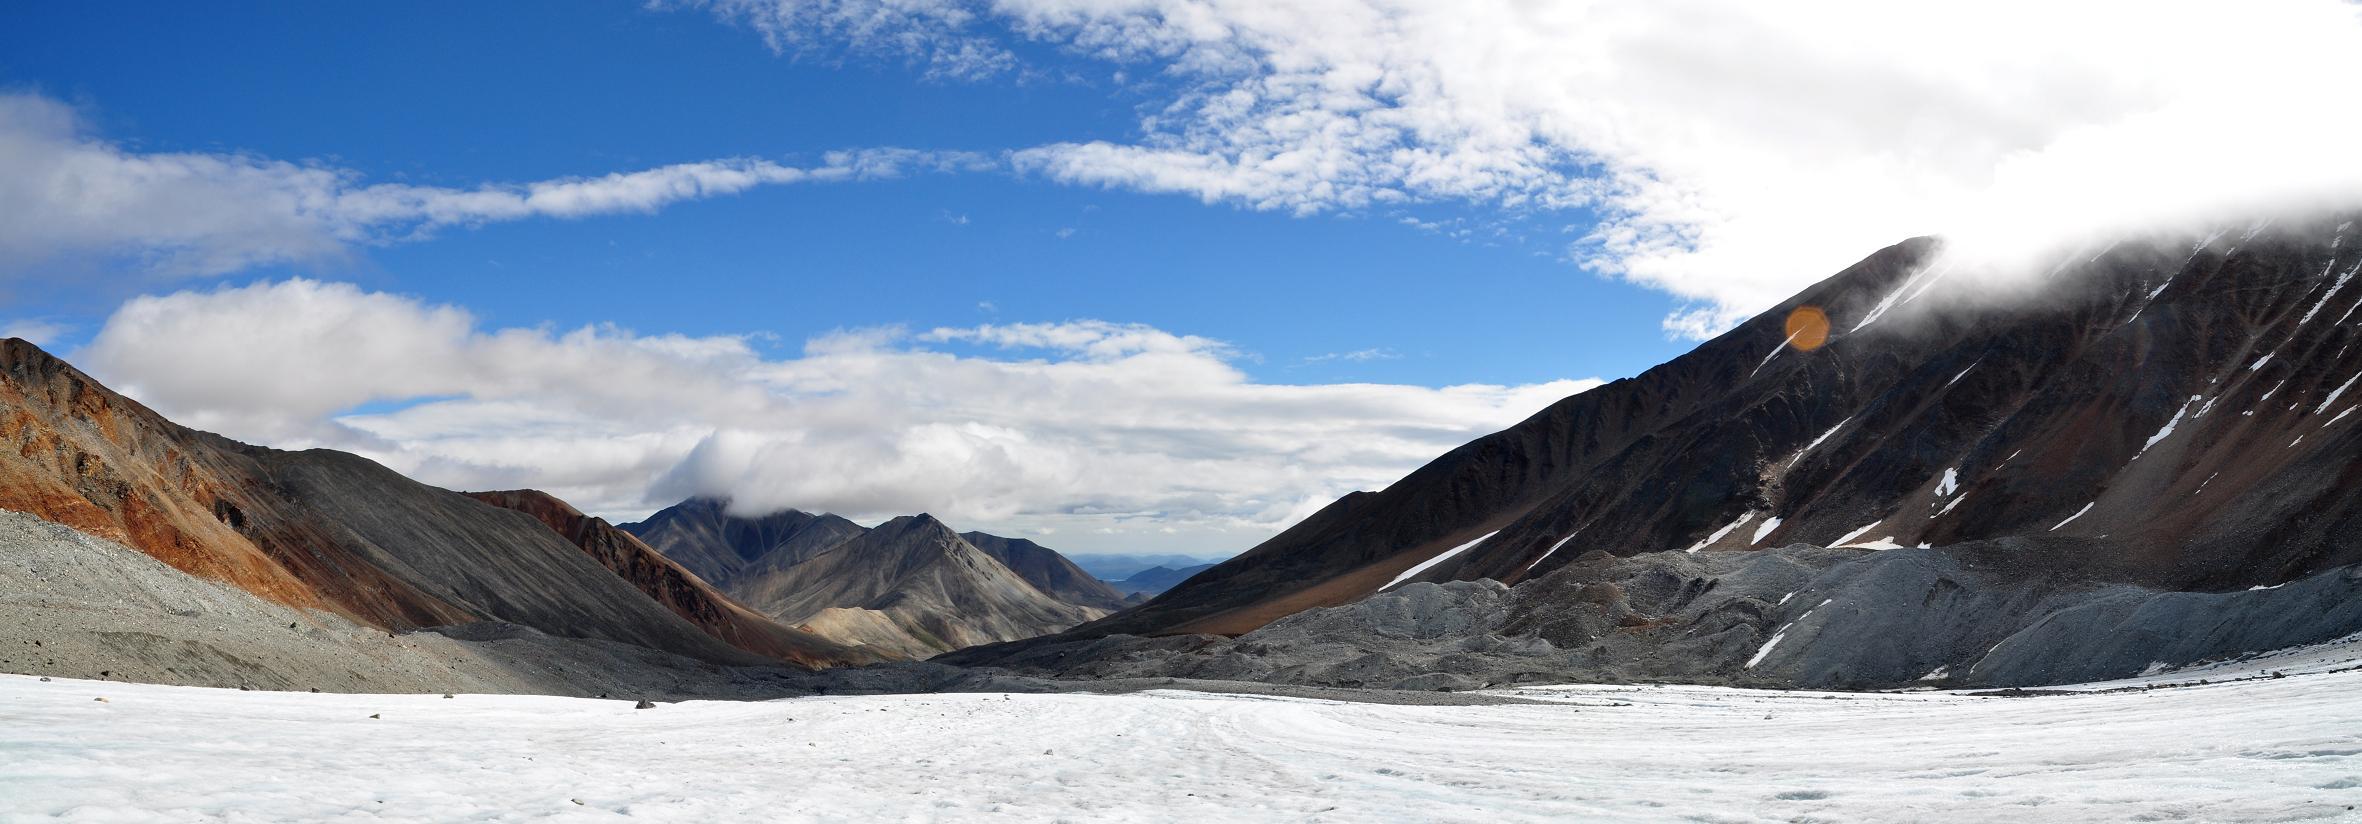 Вид с северо-восточной стороны пика Кулаковского